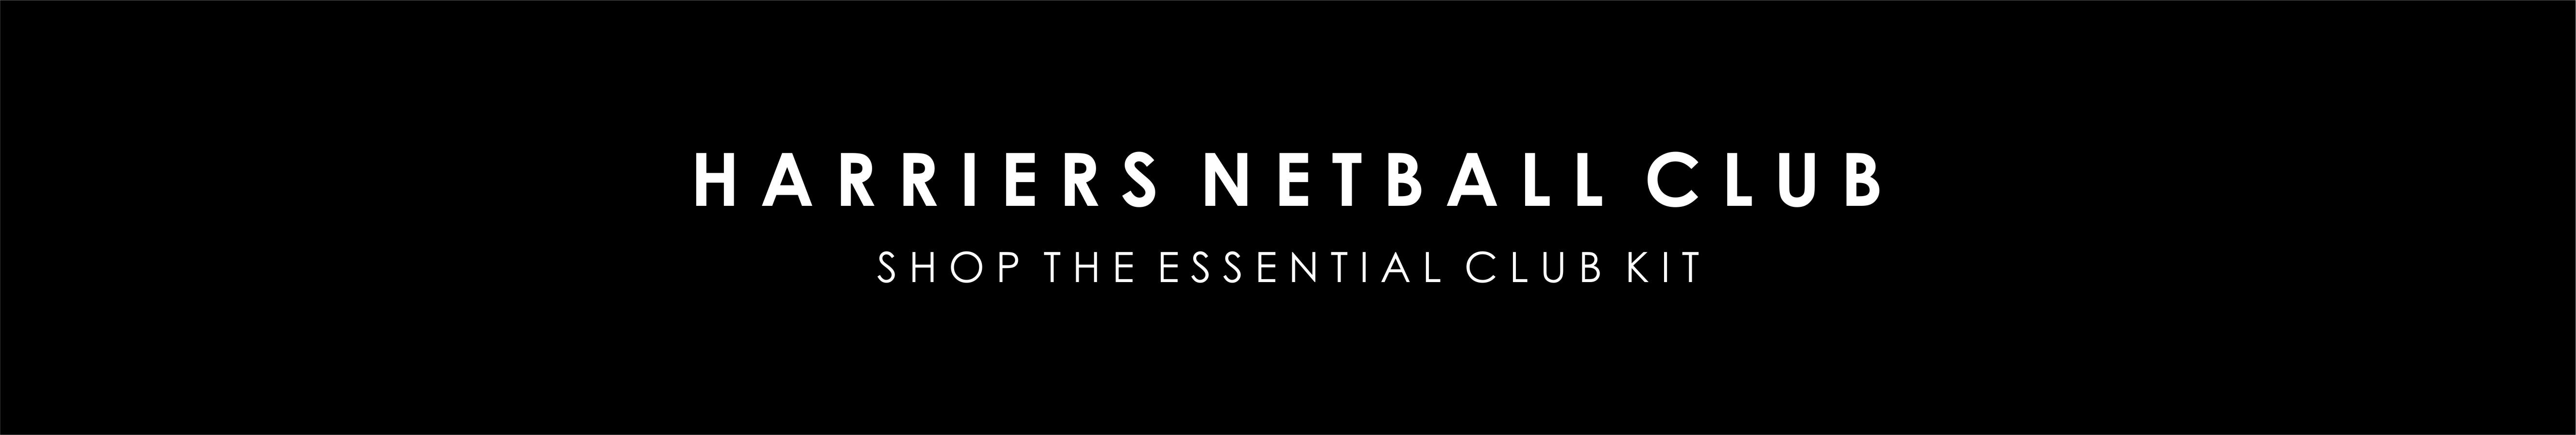 harriers-netball-banner.jpg